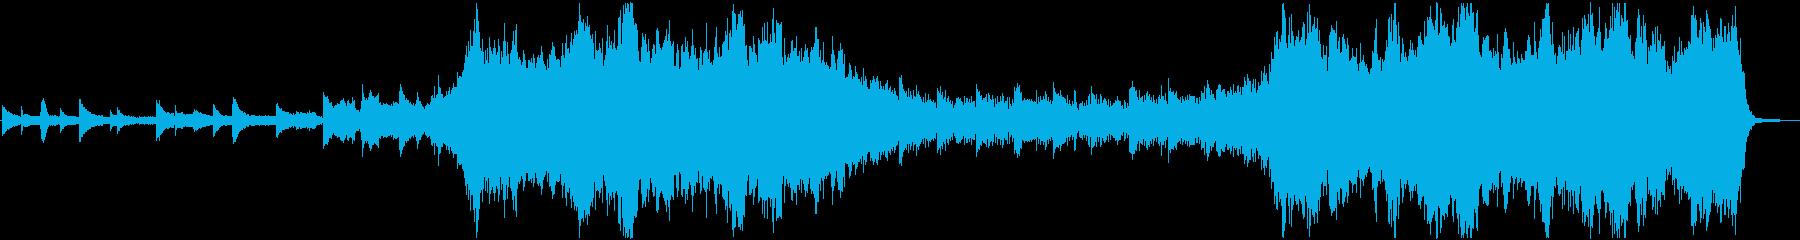 ピアノやオーケストラを使用した感動的な曲の再生済みの波形